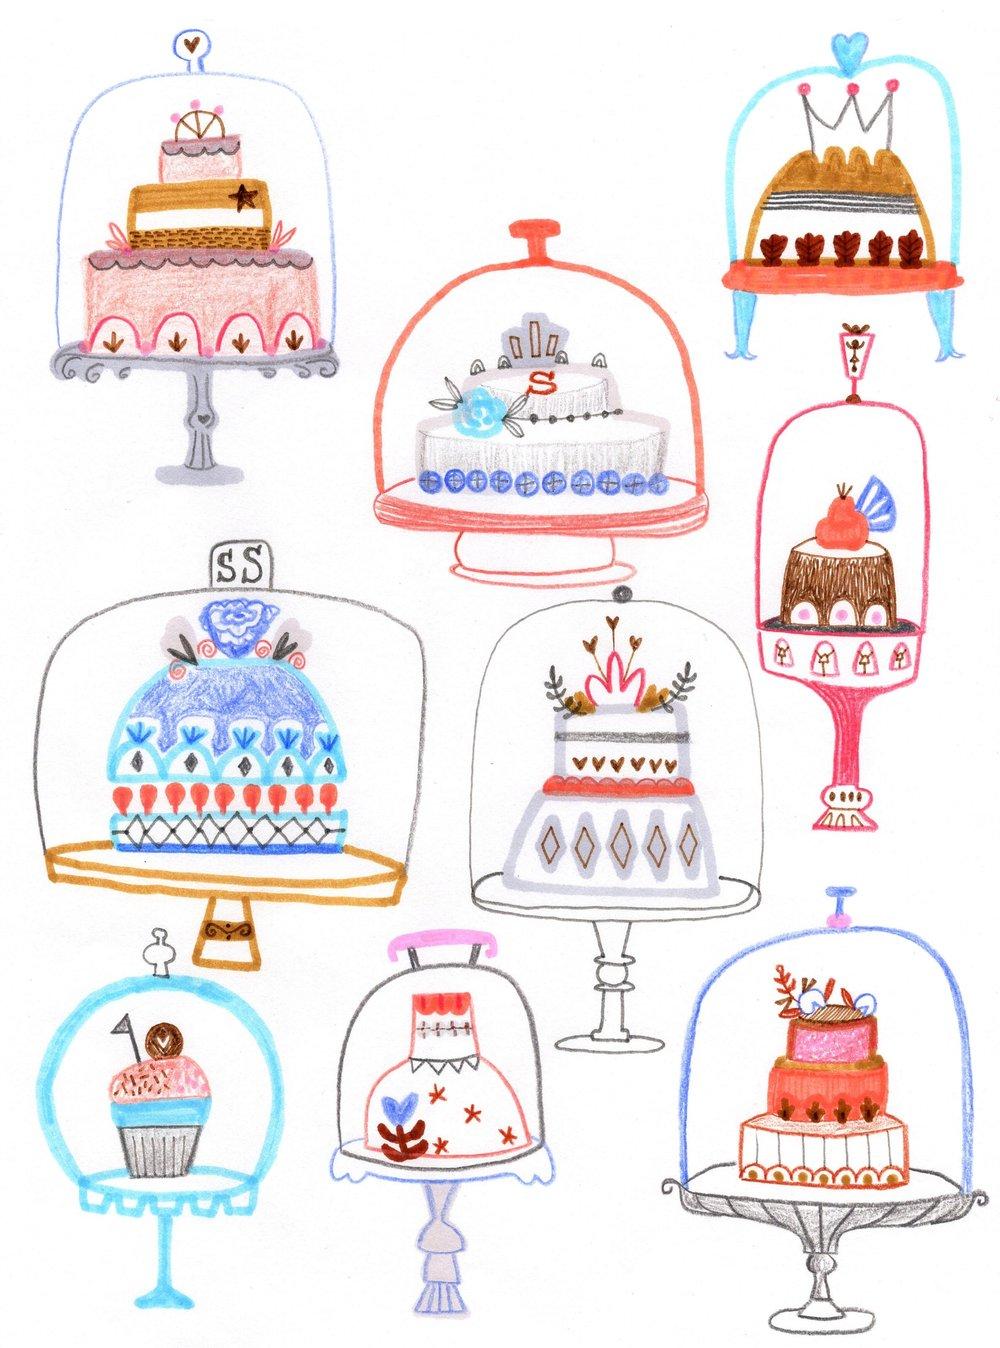 cakesketch.jpg